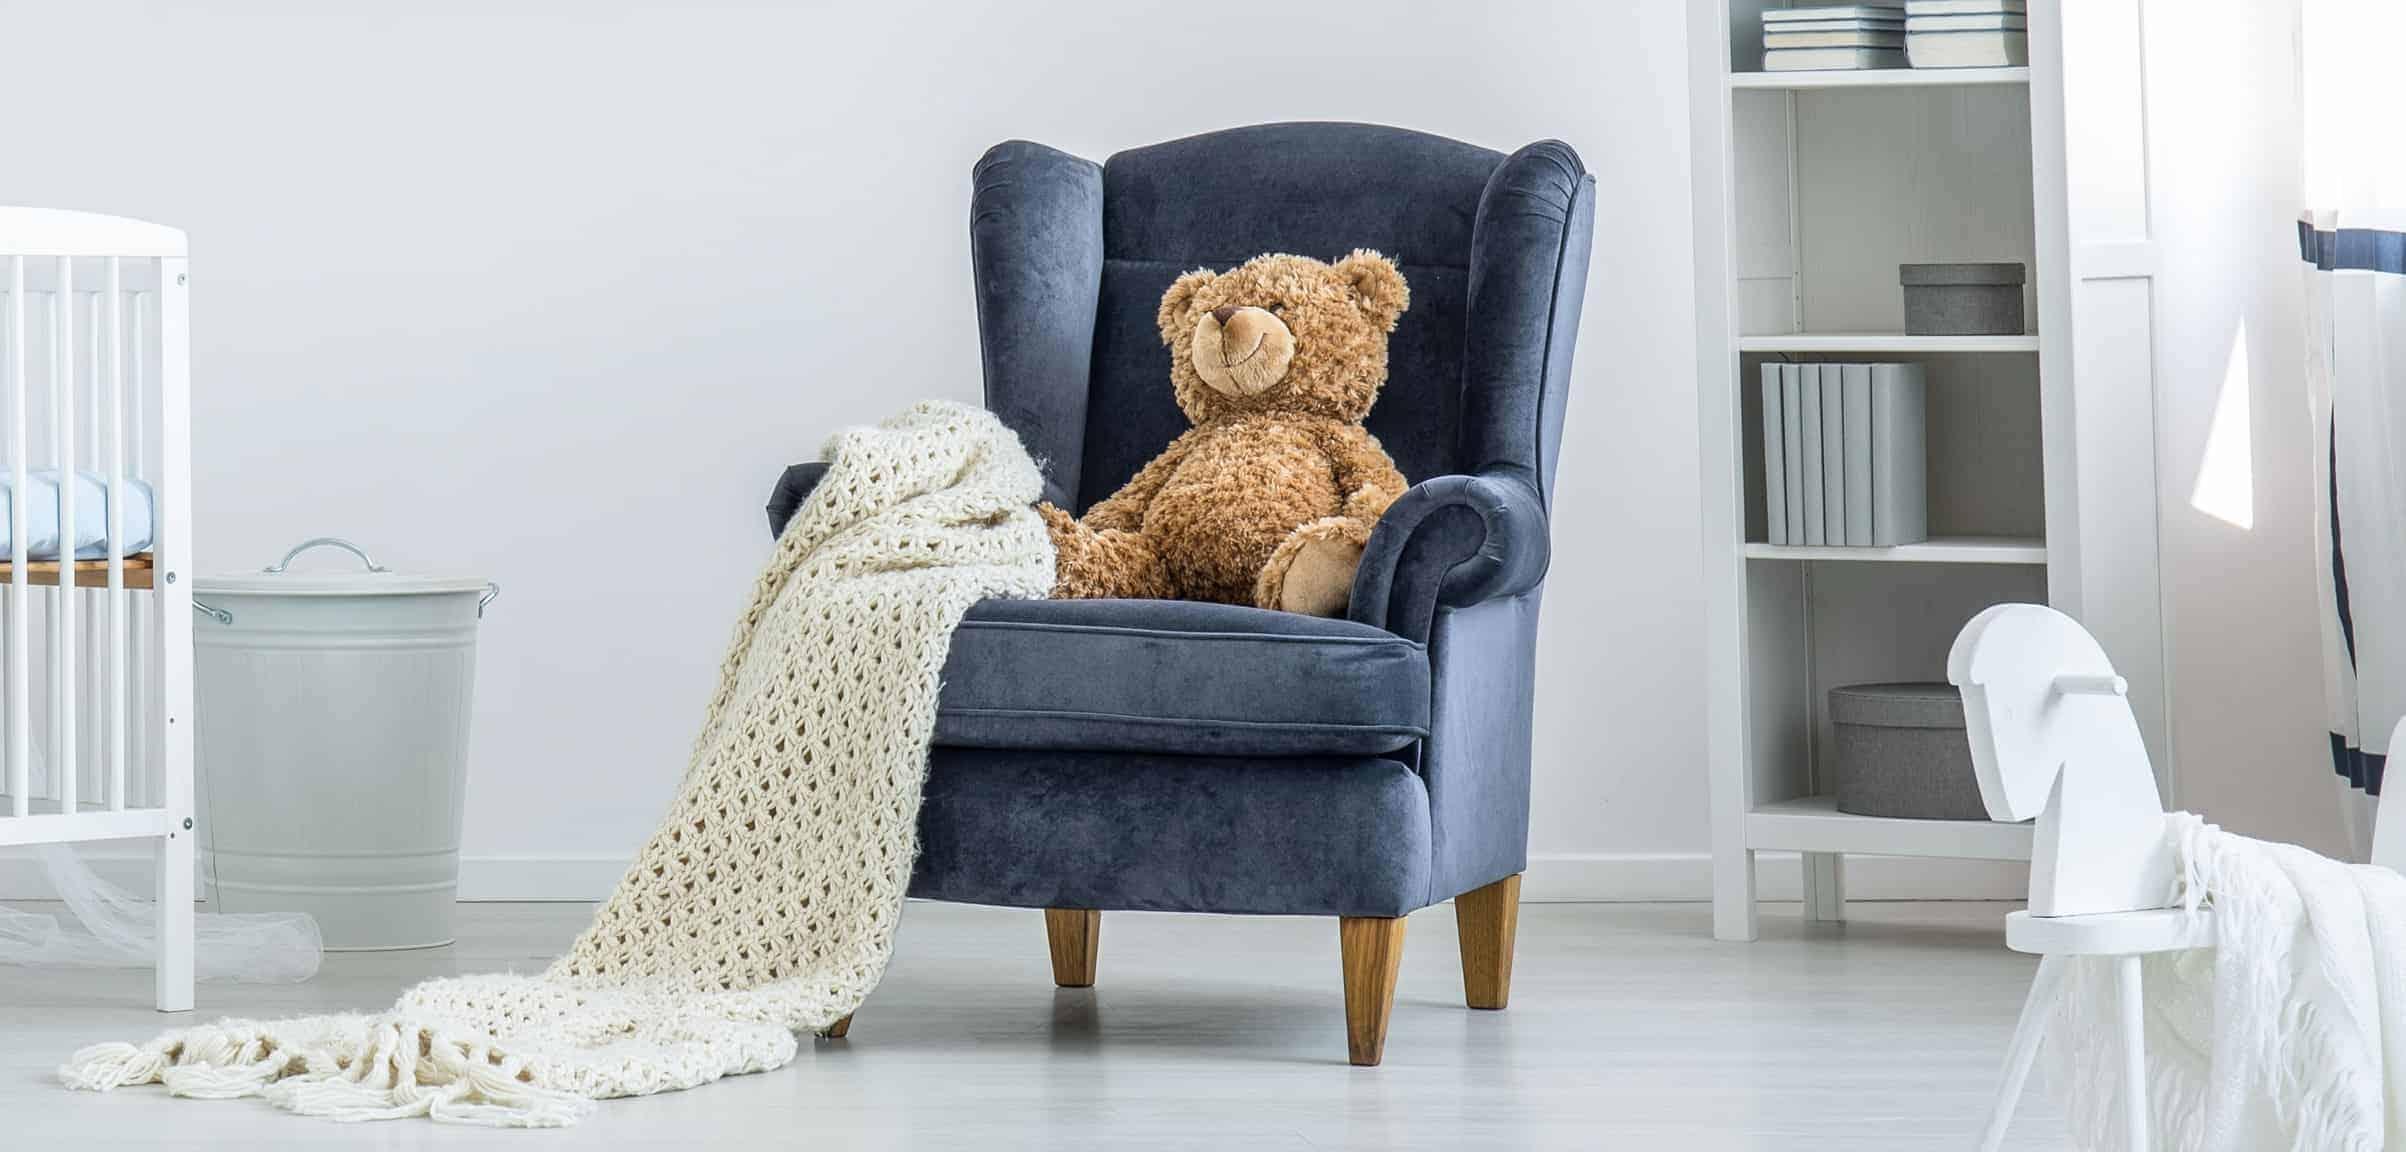 fauteuil voor kinderen met teddy